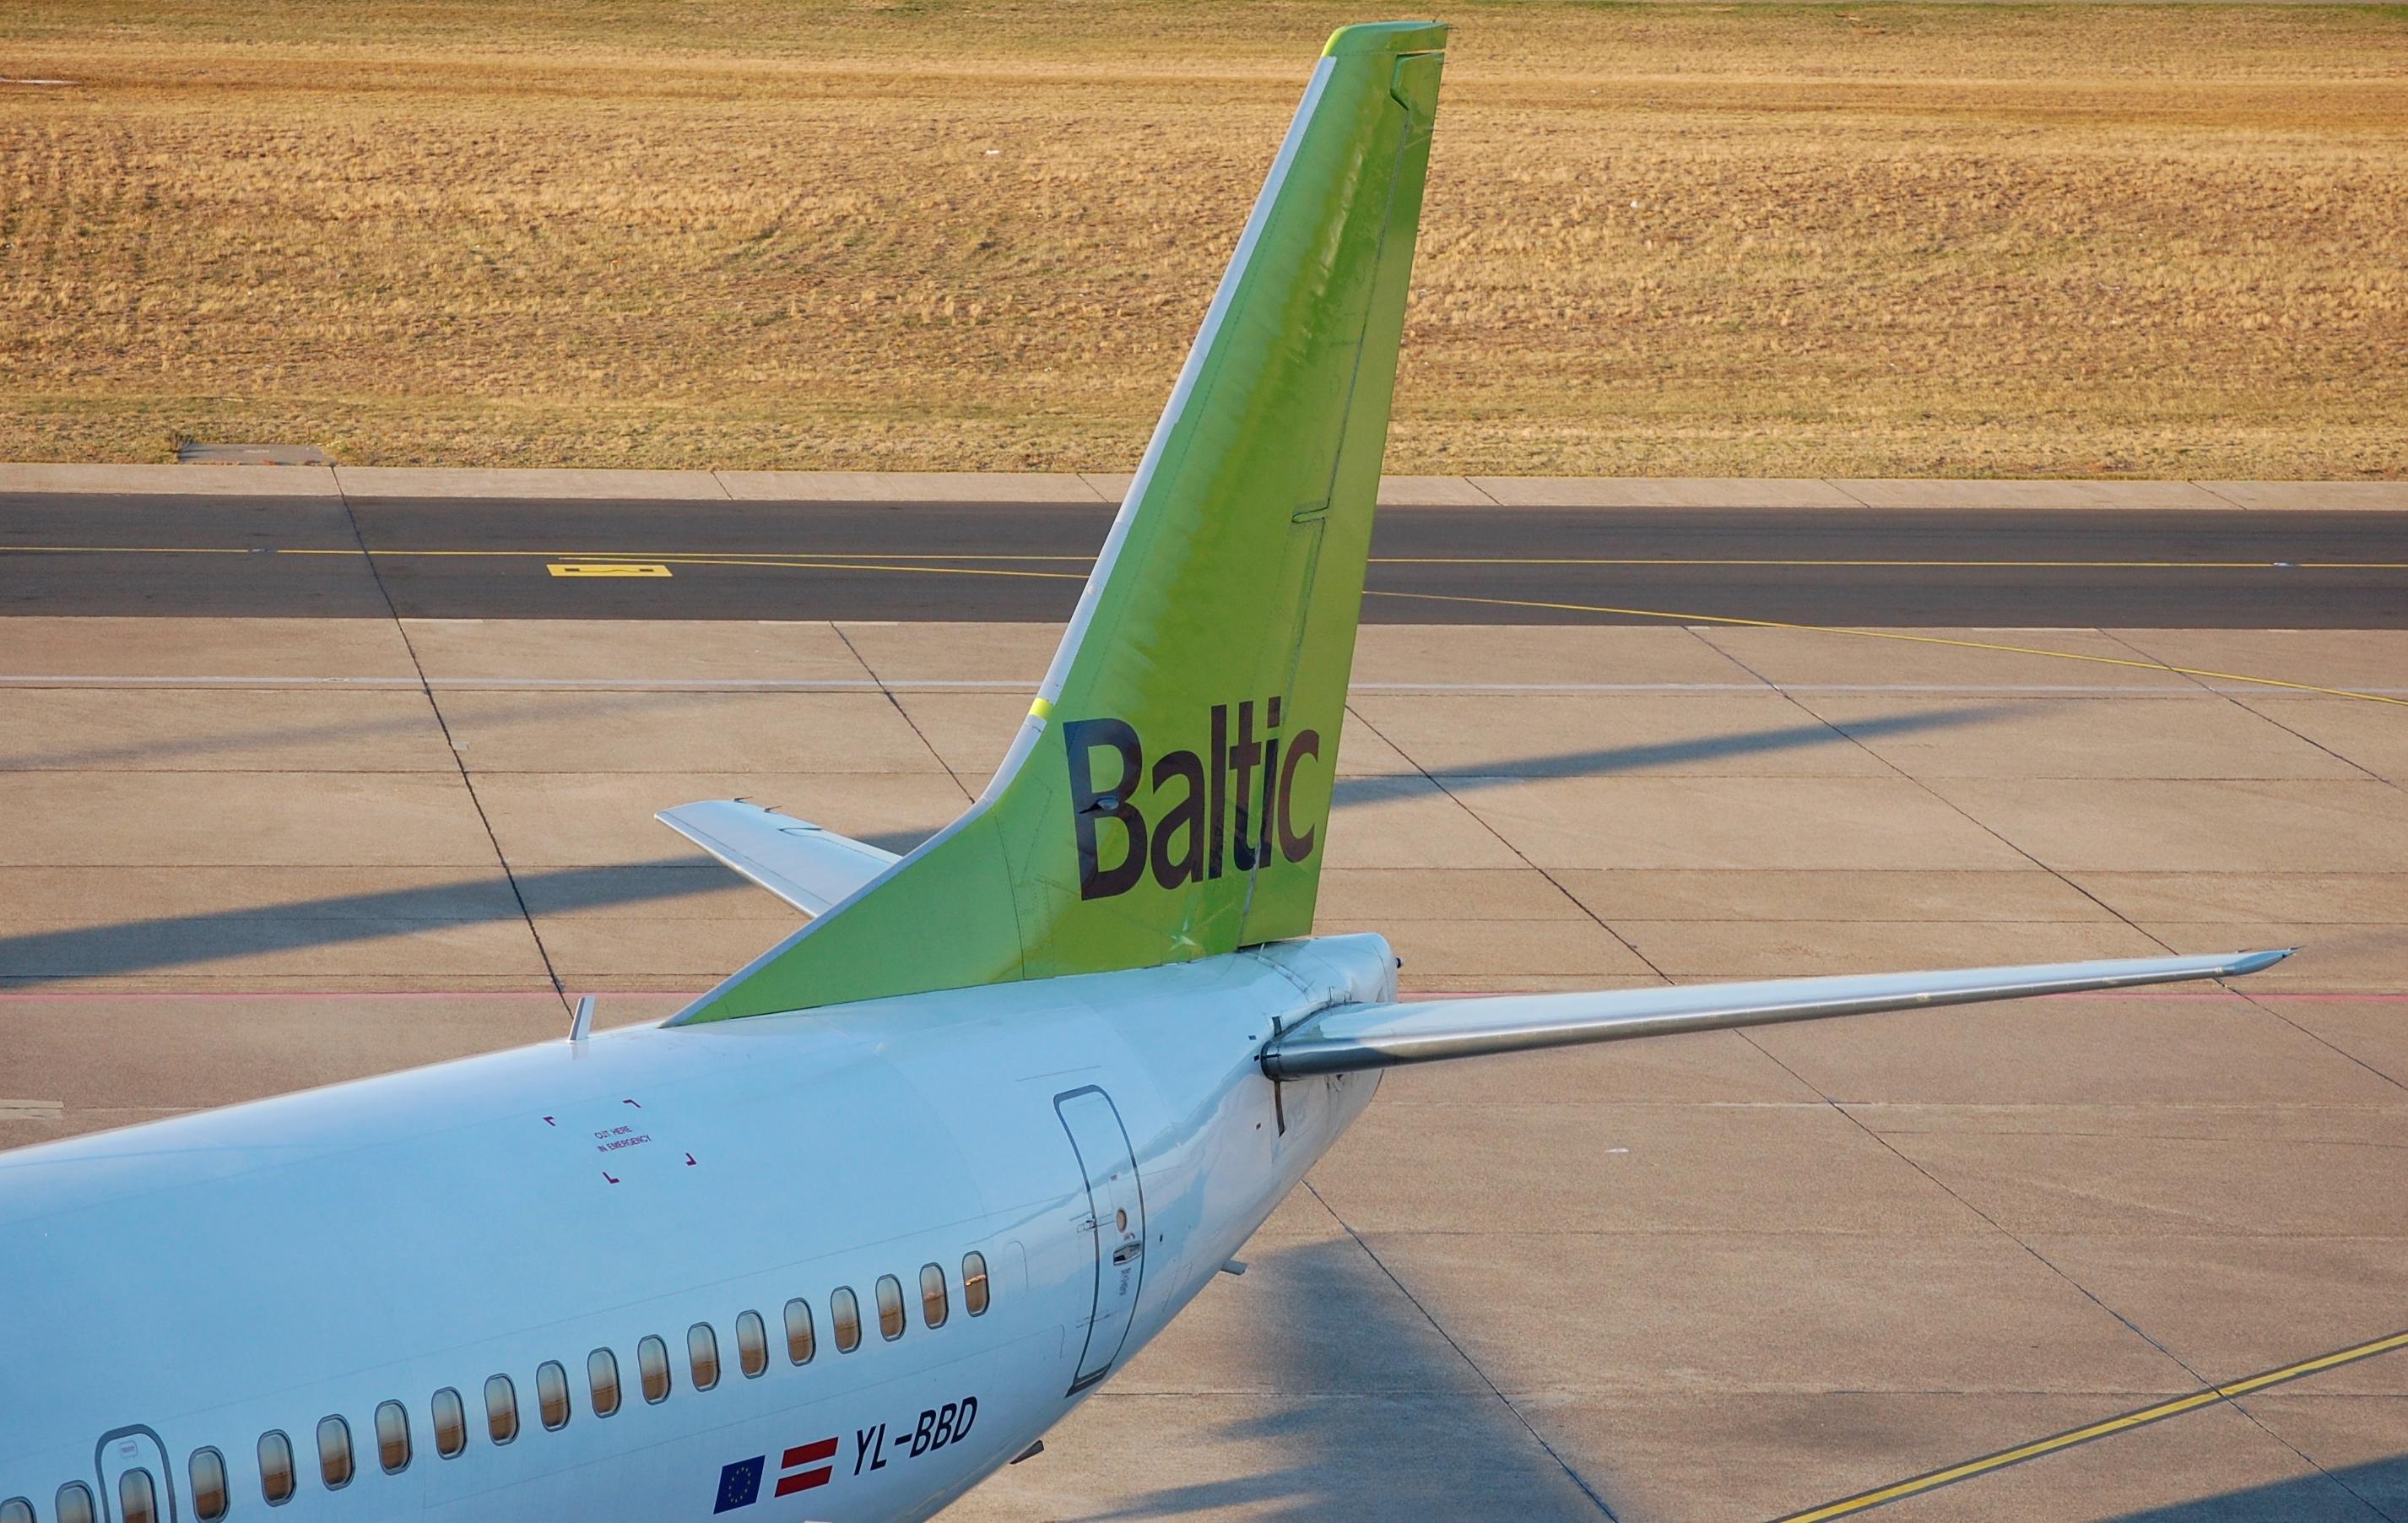 Mit airBaltic günstig Europa entdecken – Flüge ab 15€ buchen!